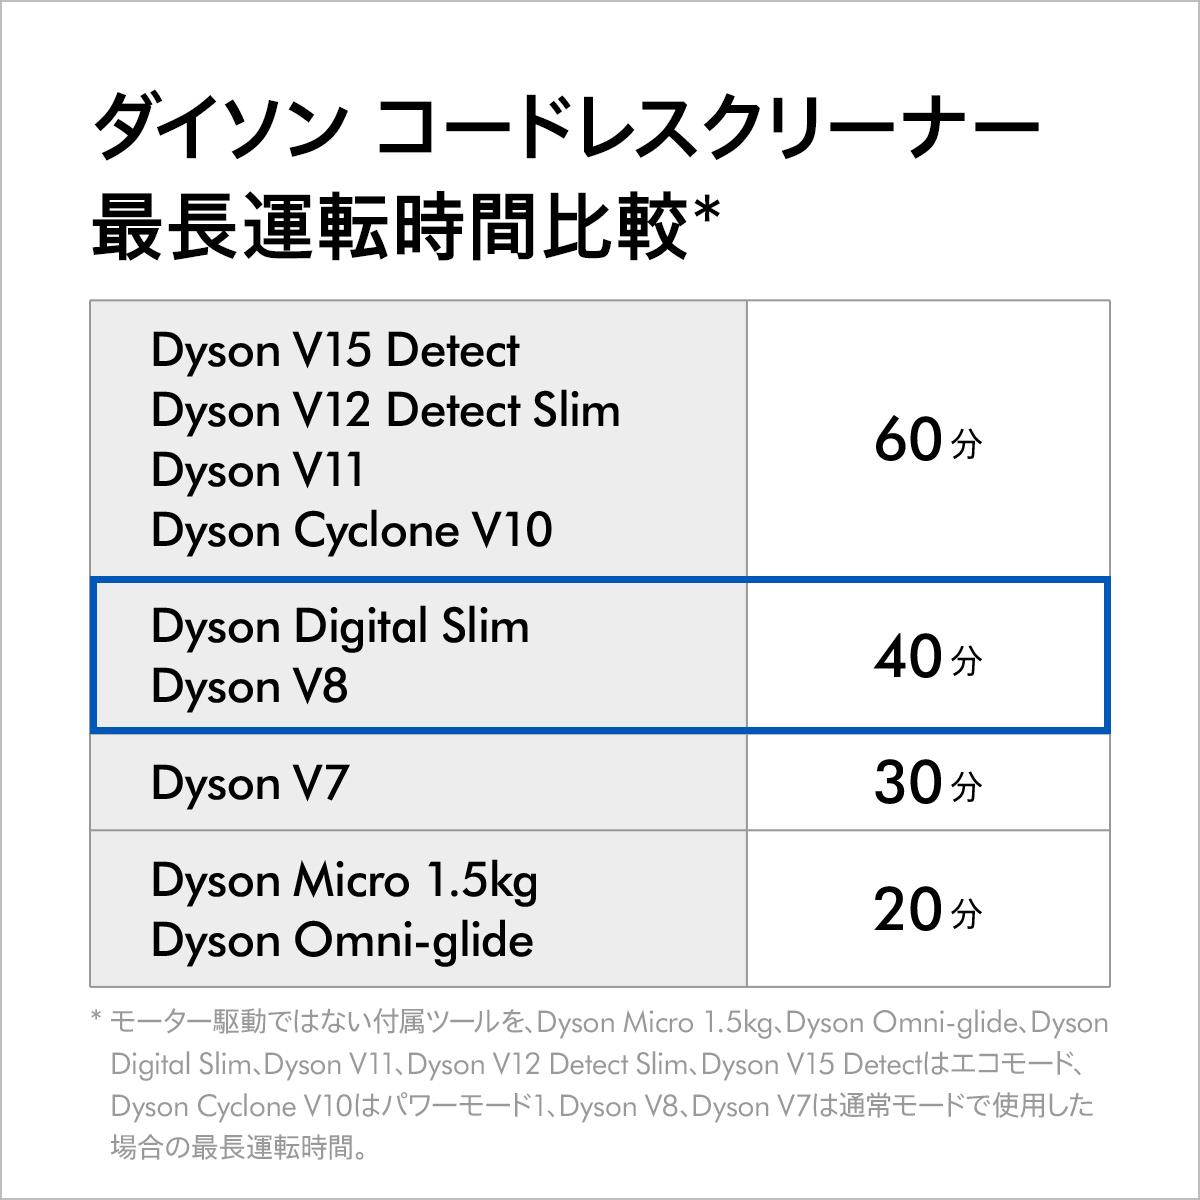 スリム フィ フラ v8 プラス ダイソン